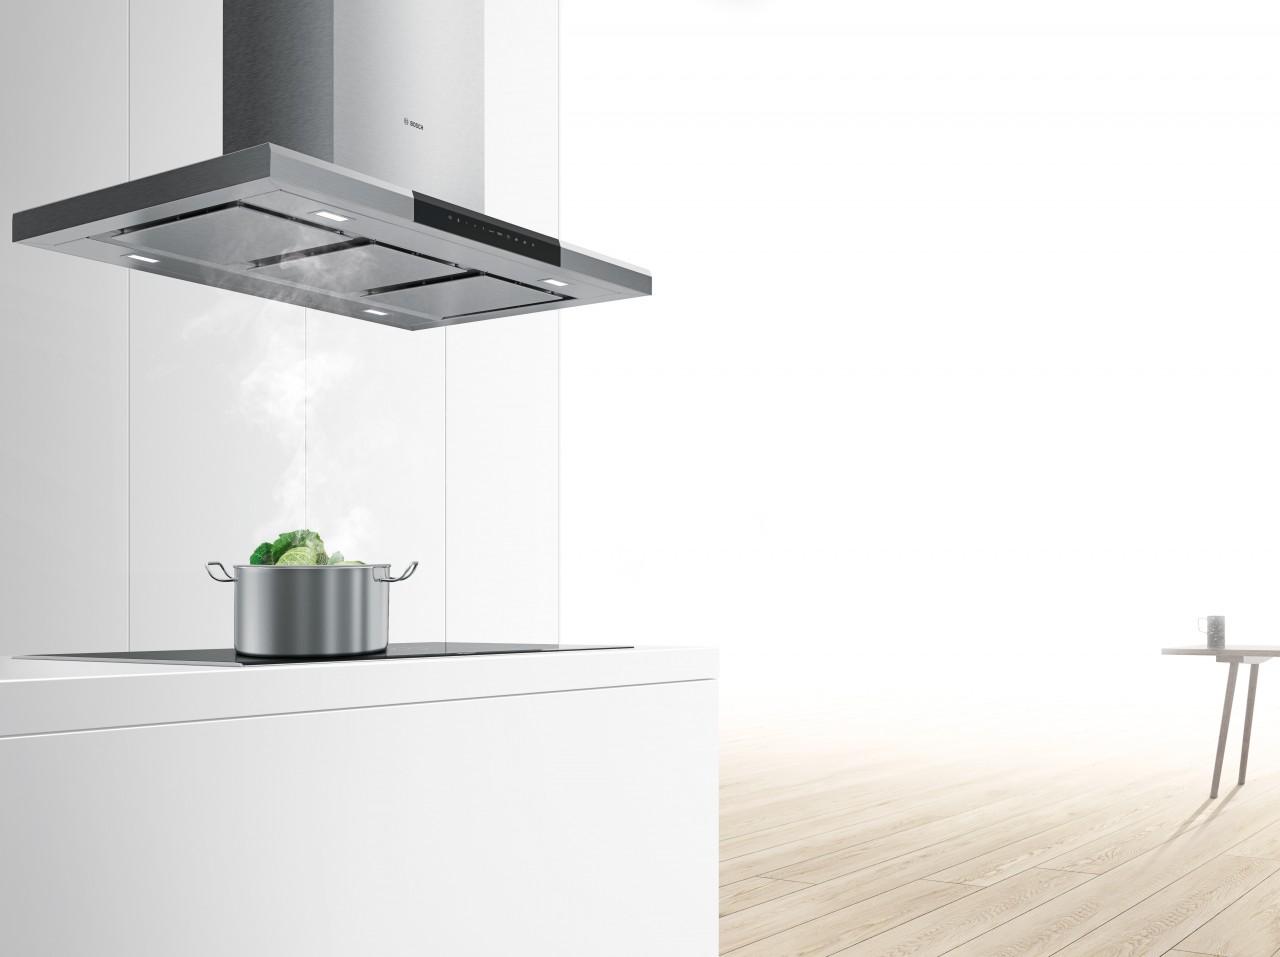 Bosch Kitchen Appliances - SquareMelon SquareMelon